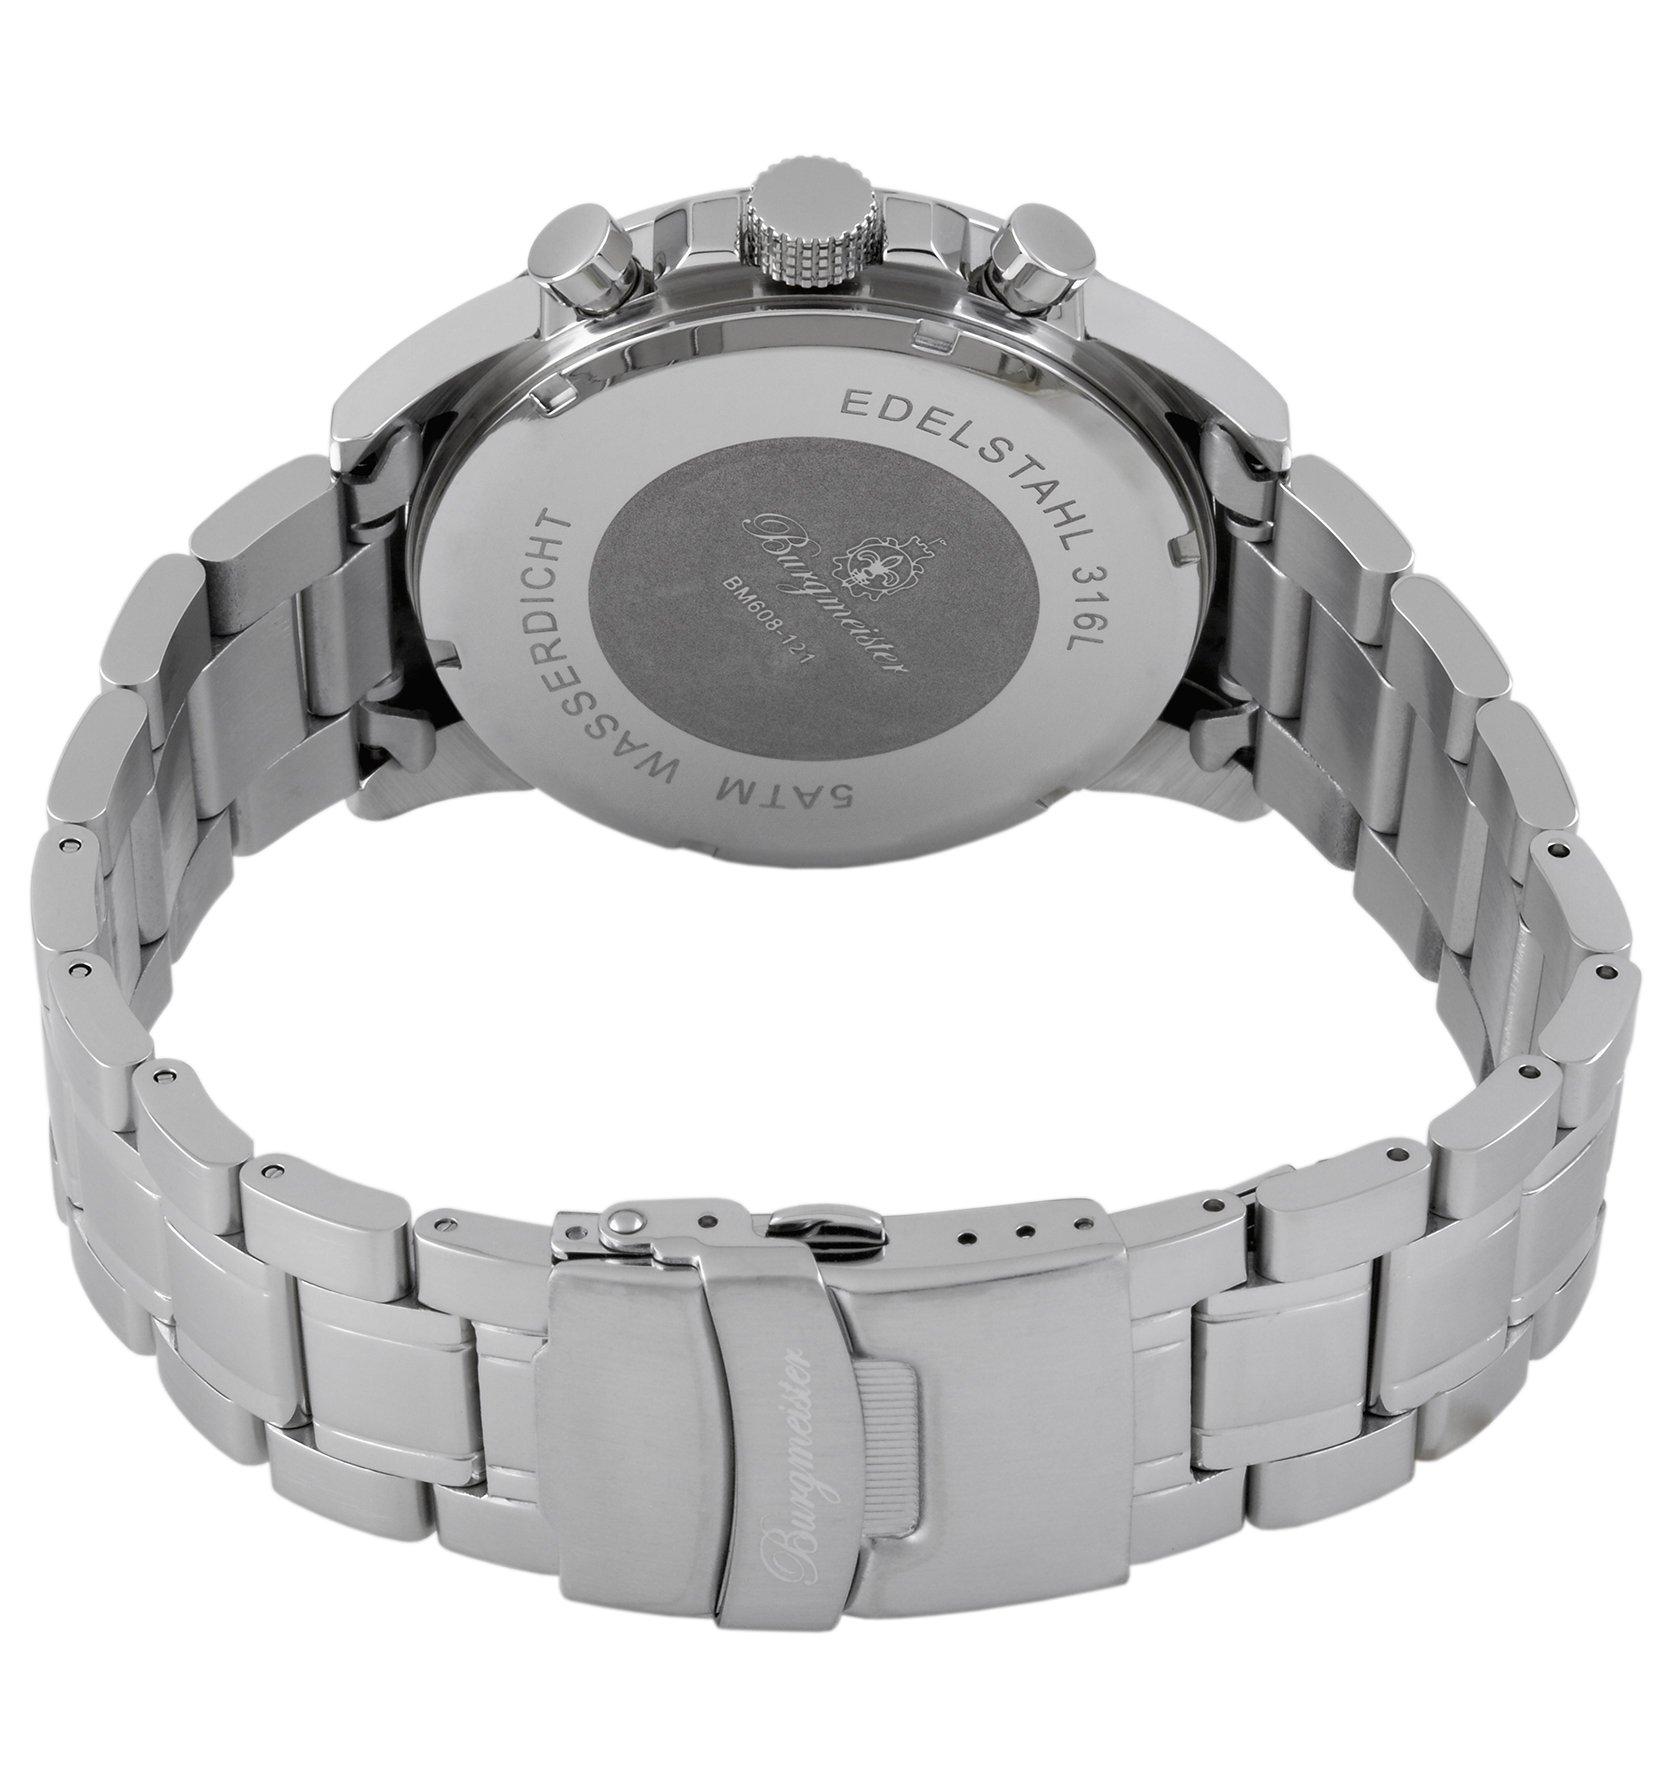 Burgmeister-Armbanduhr-fr-Herren-mit-Analog-Anzeige-Quarz-Uhr-mit-Edelstahl-Armband-Wasserdichte-Herrenarmbanduhr-mit-zeitlosem-schickem-Design-Klassische-Uhr-fr-Mnner-Washington